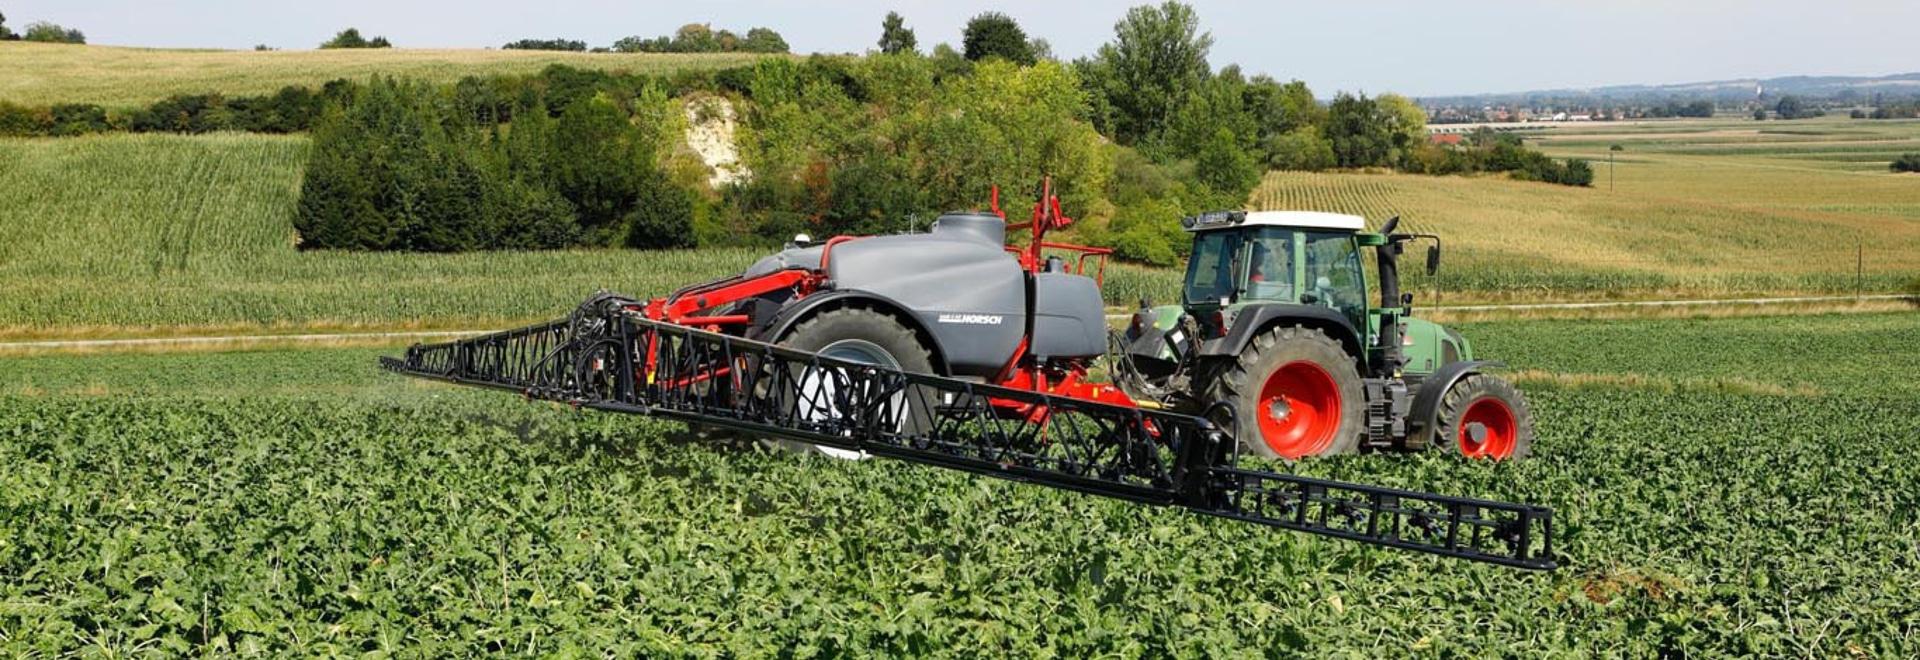 HORSCH Leeb 4 AX makes Cereals debut